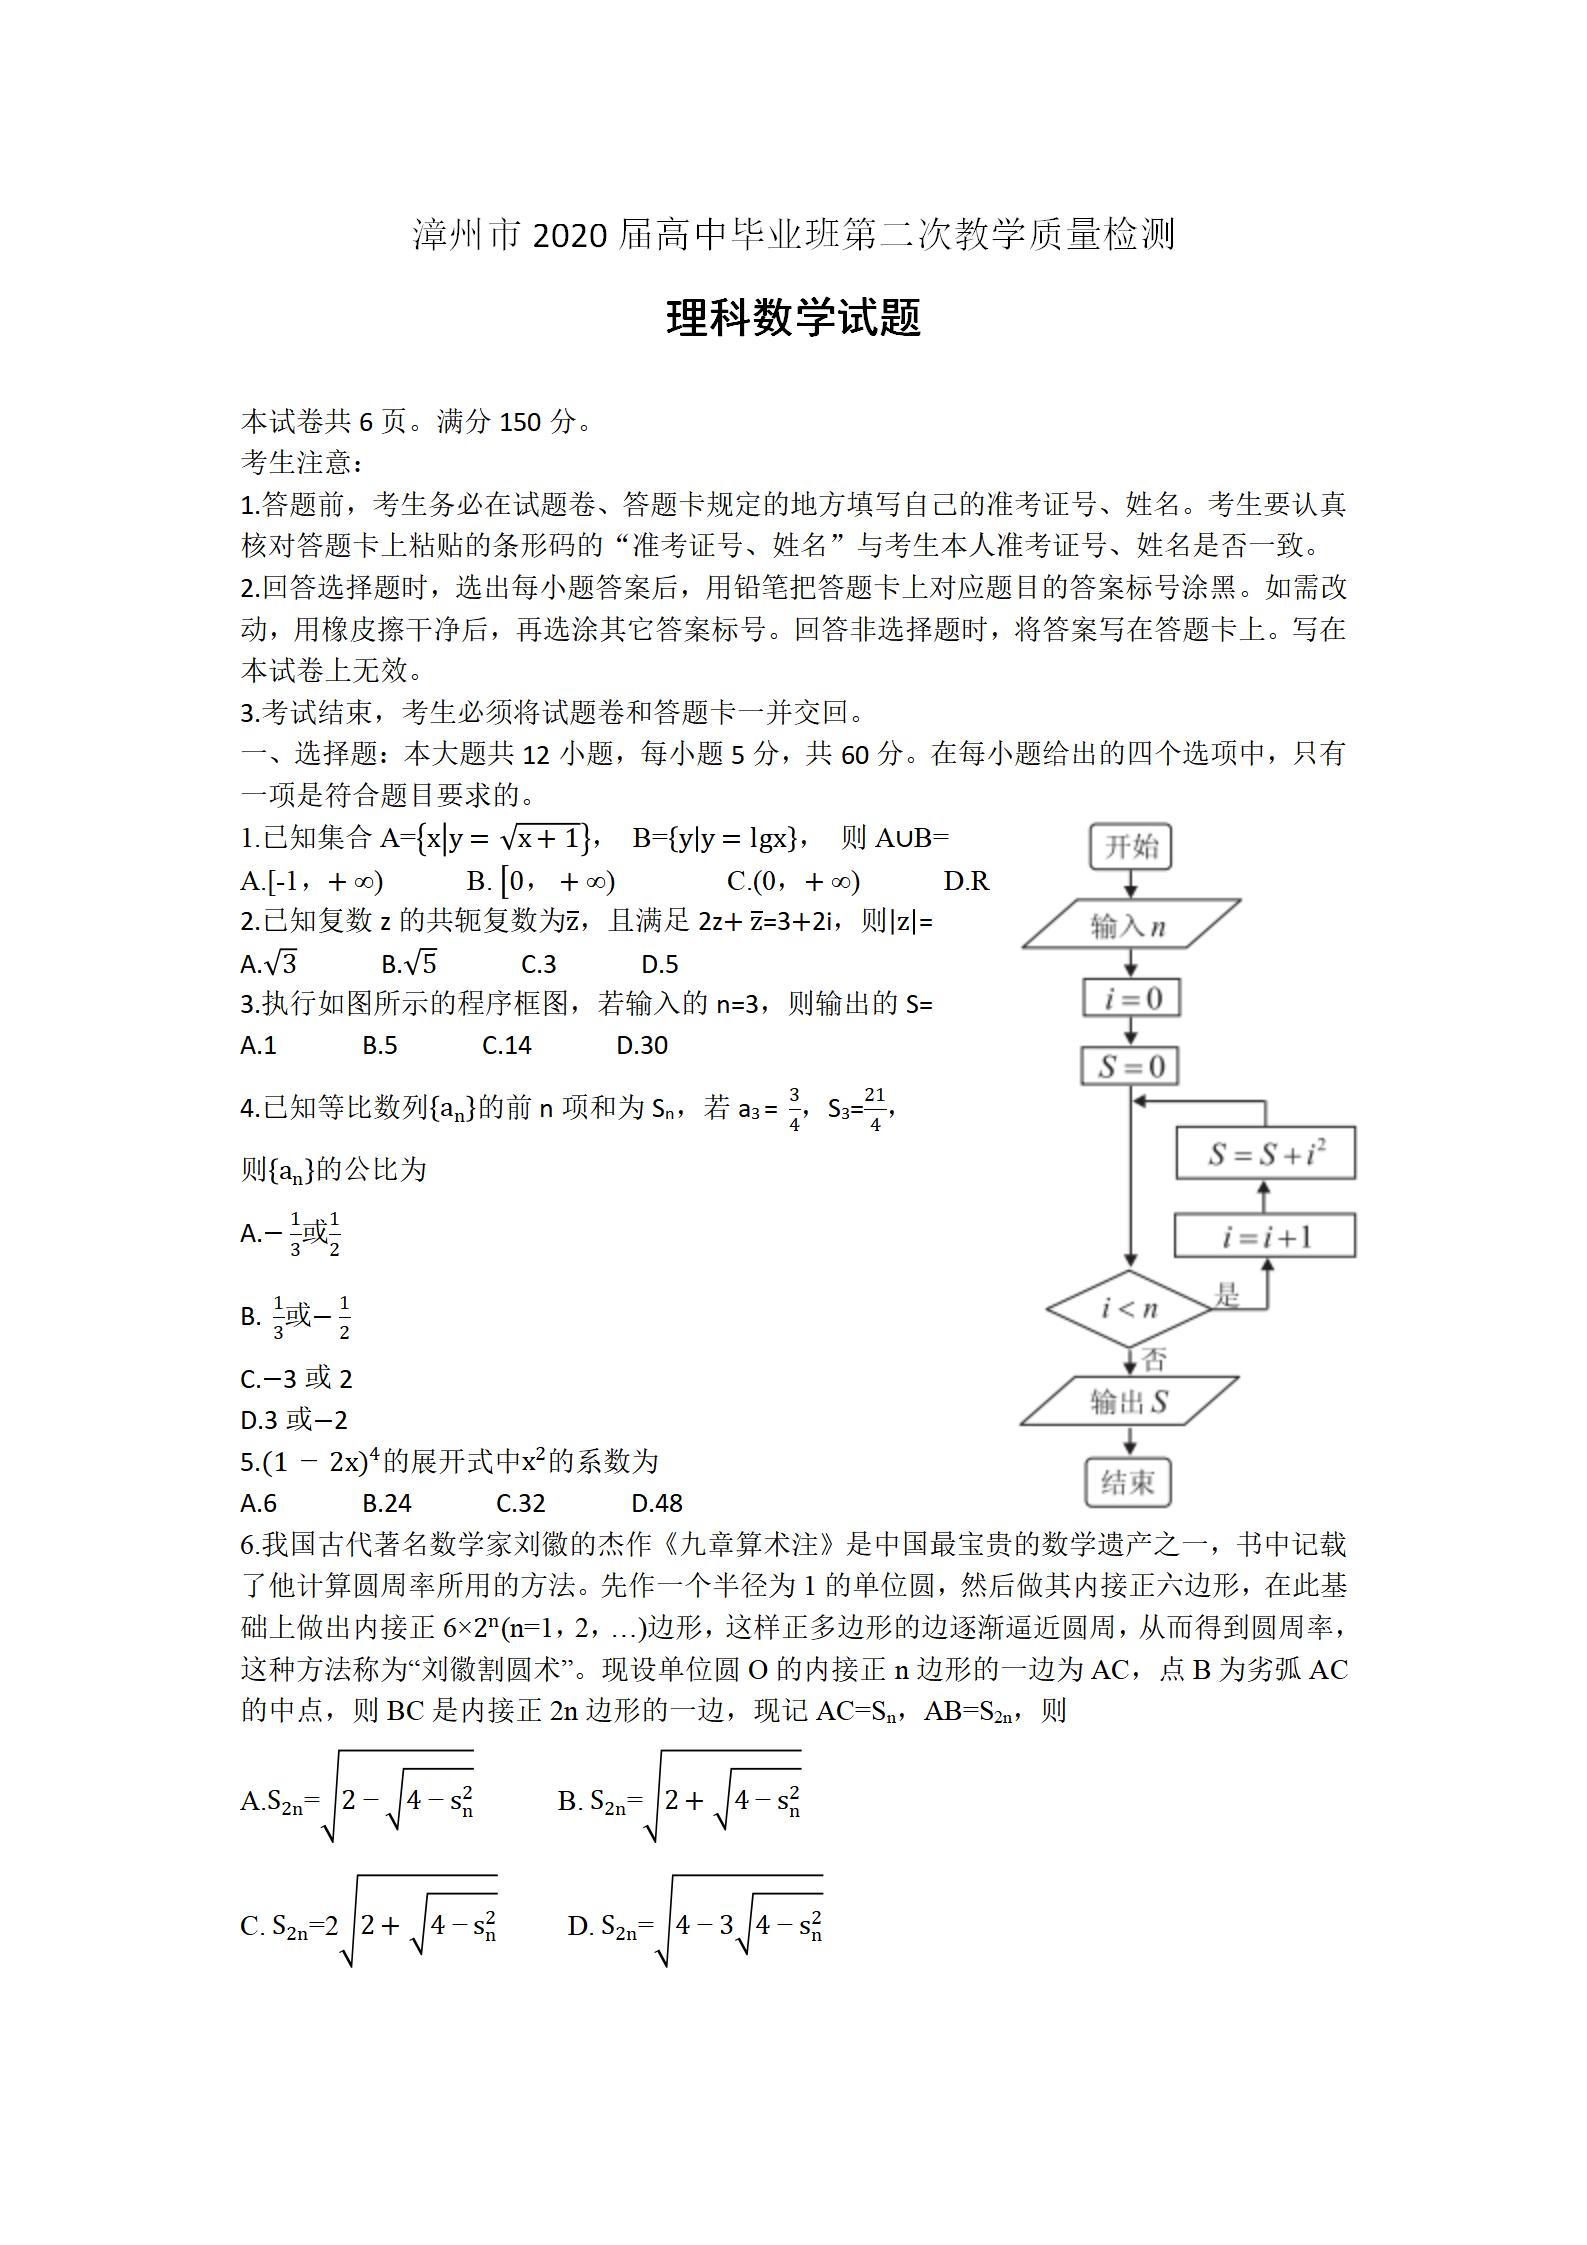 福建省漳州市2020届高三第二次教学质量检测数学(理)试题 -(含答案)